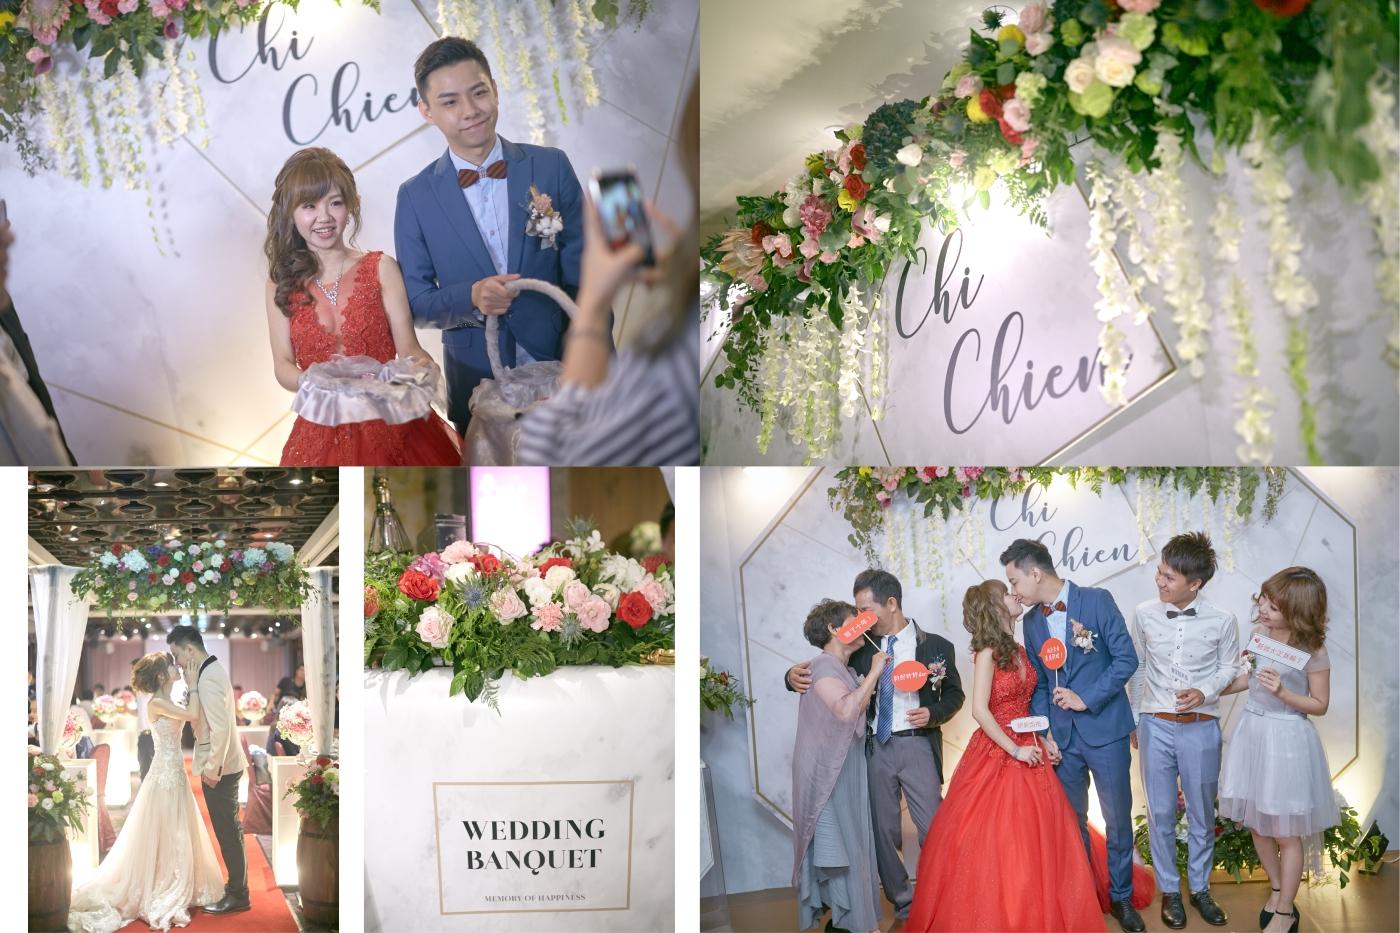 嘉義婚禮佈置推薦|憶起幸福|嘉義婚禮佈置評價|大理石幾何婚禮背板|花藝設計